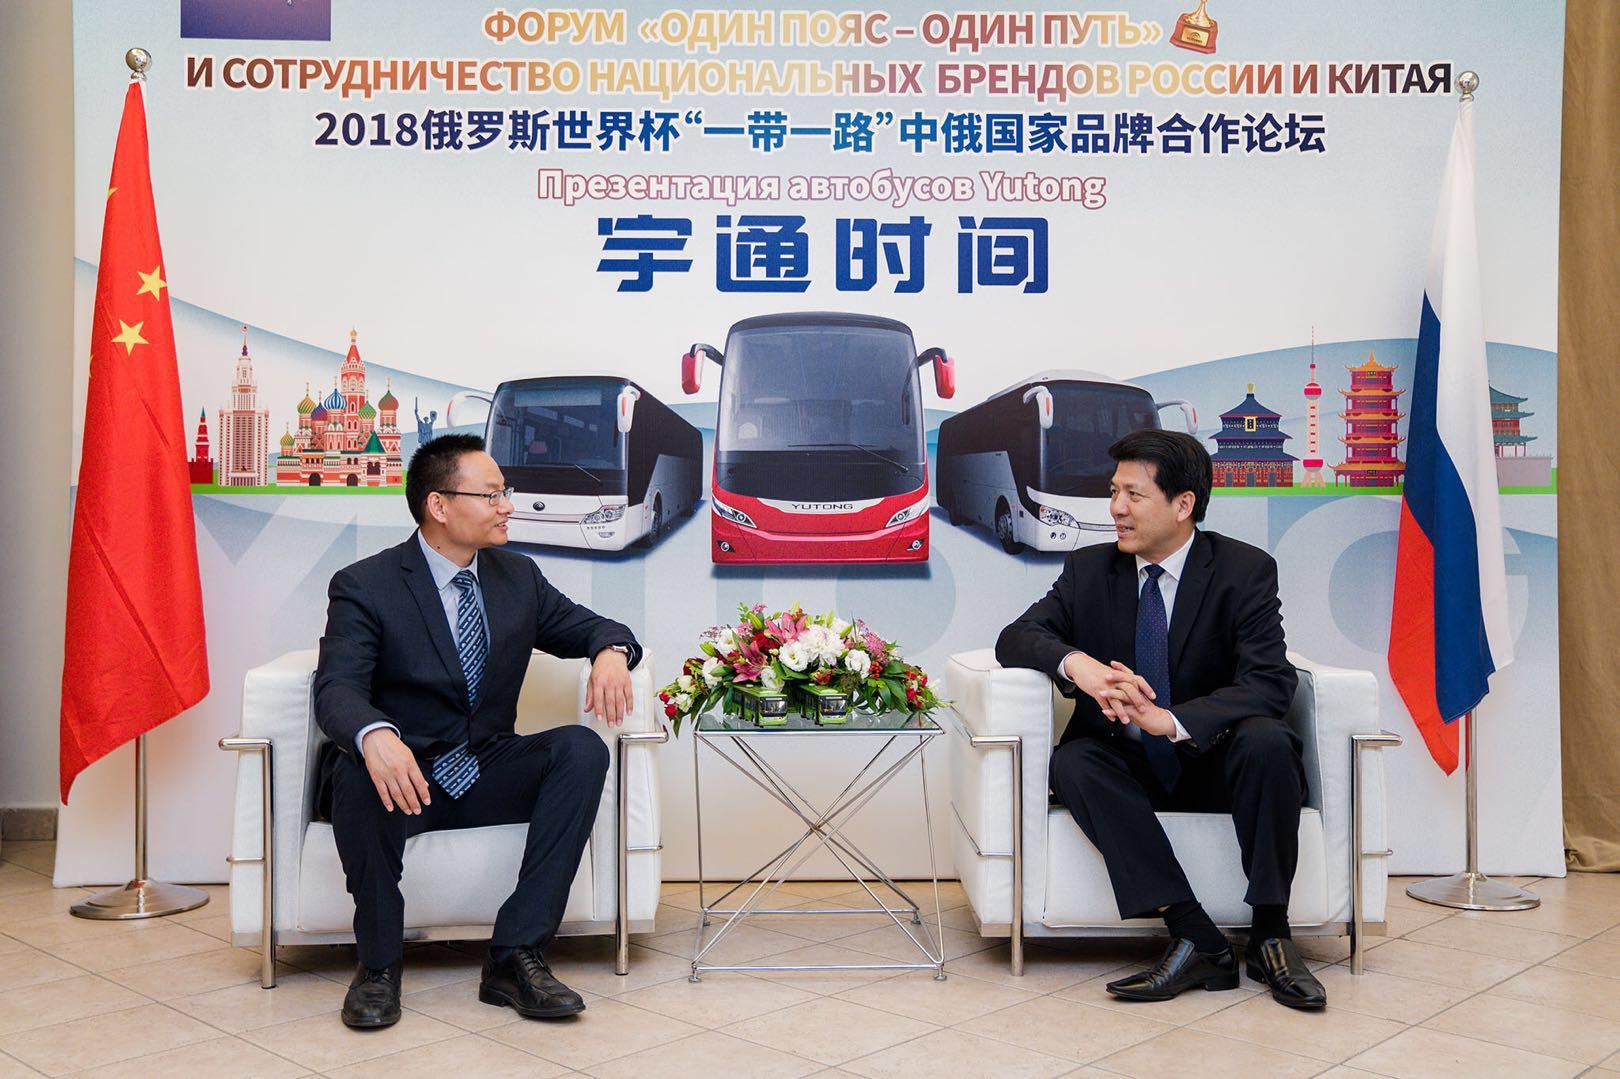 宇通模式获驻俄大使点赞 助推中俄品牌合作再升级-焦点中国网